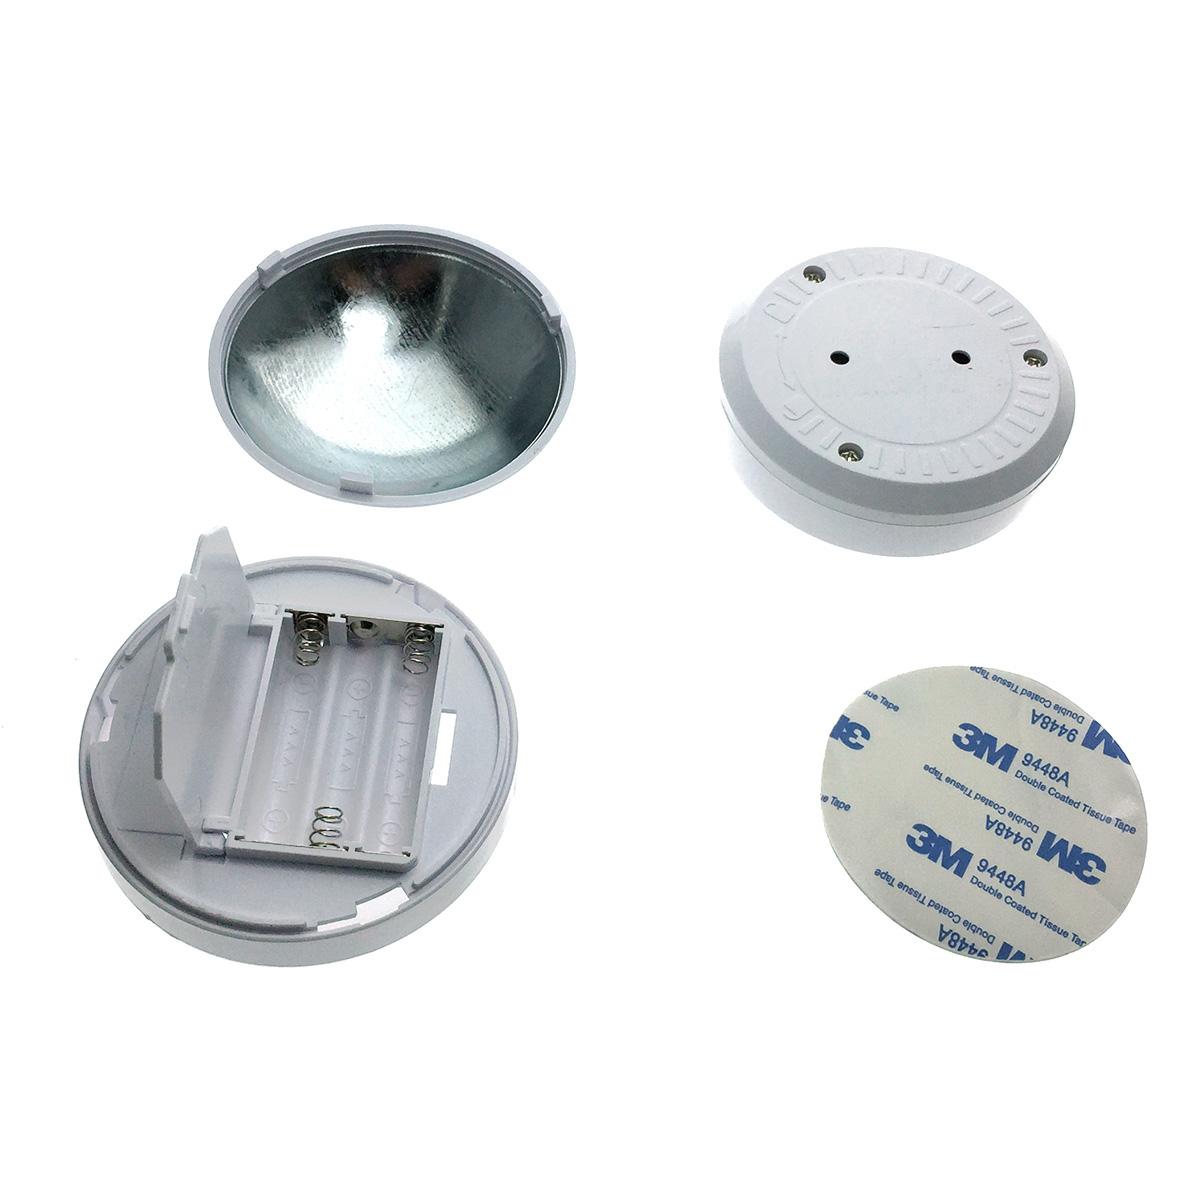 Светодиодный светильник - фонарик/ночник с датчиком света/освещенности и движения Espada E-UFOM360WL с подставкой на магните